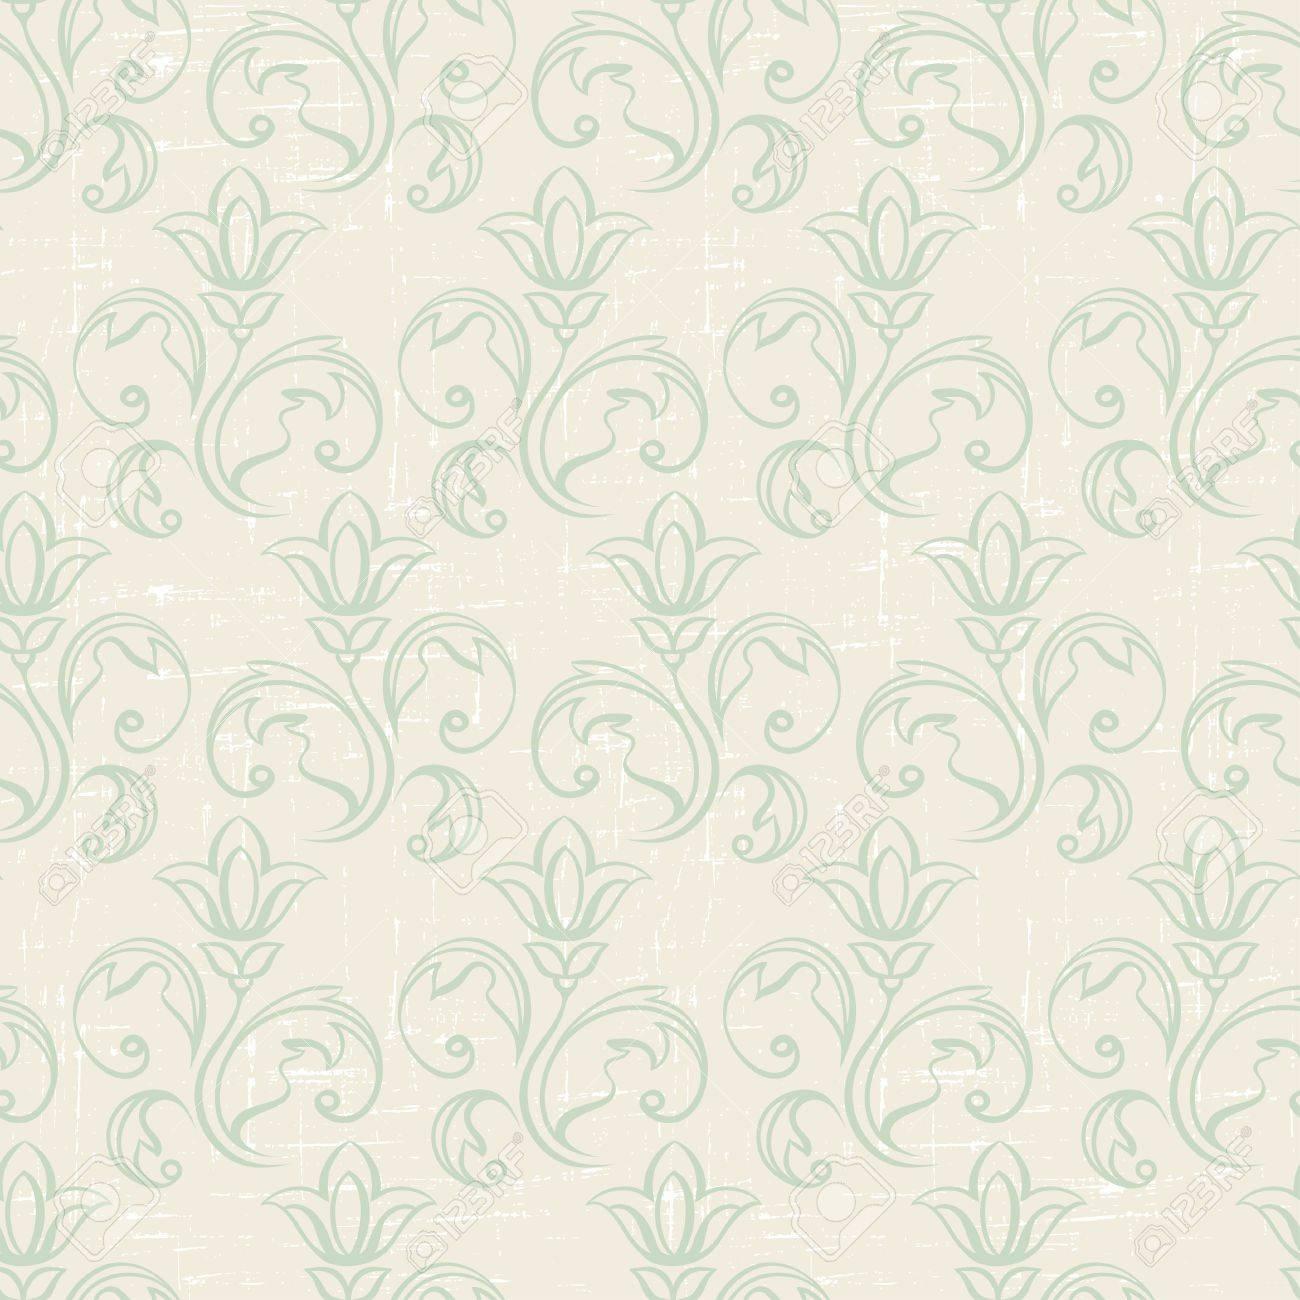 シームレスなビンテージ壁紙 花柄 レトロな壁紙のイラスト素材 ベクタ Image